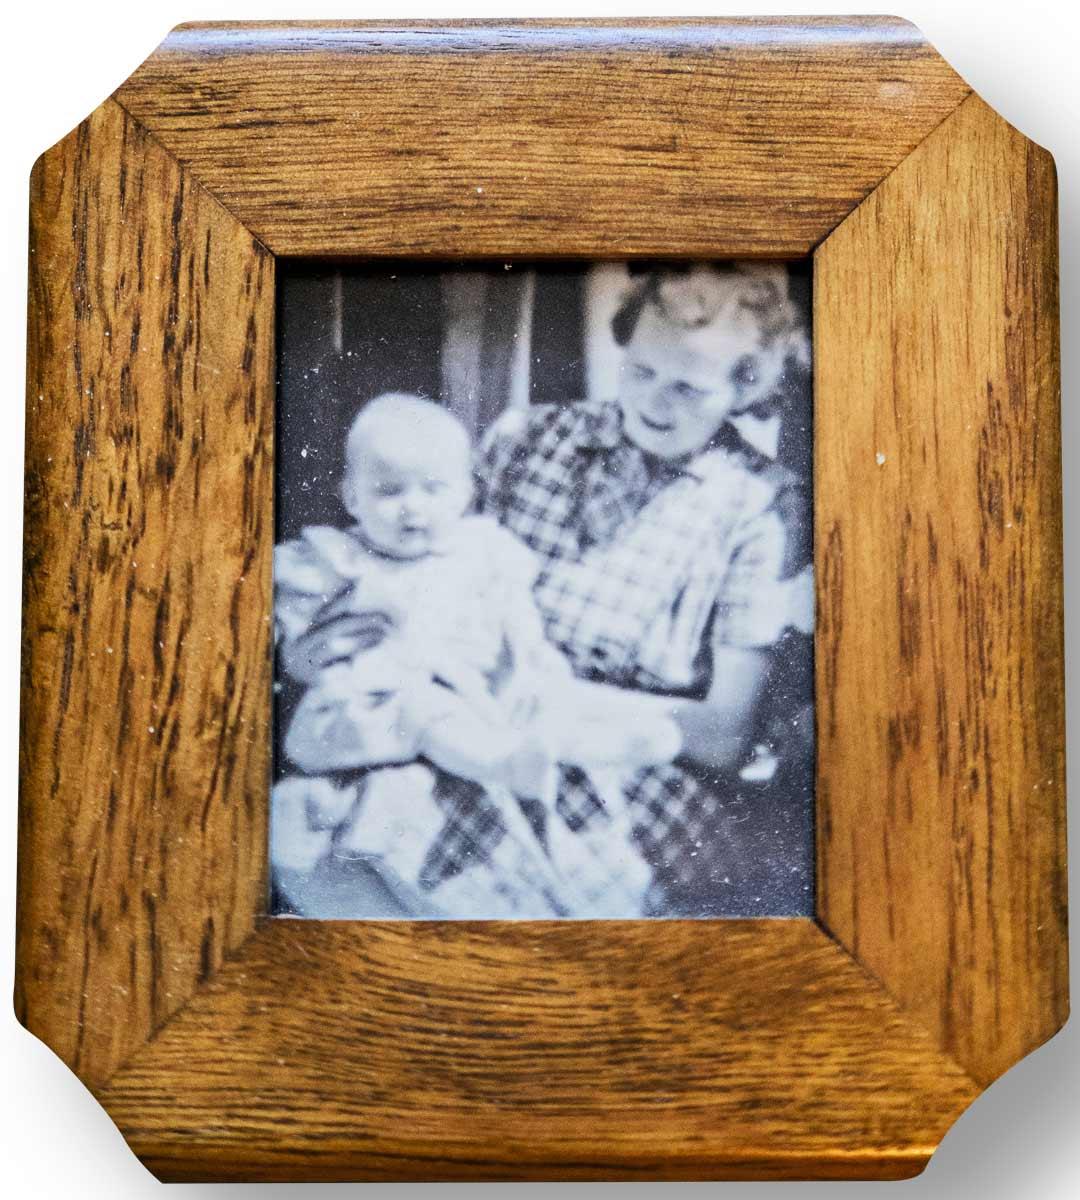 Helenalla ei ole äidistään helliä muistoja. Kuvat kertovat, että hän on joskus ollut äitinsä sylissä.